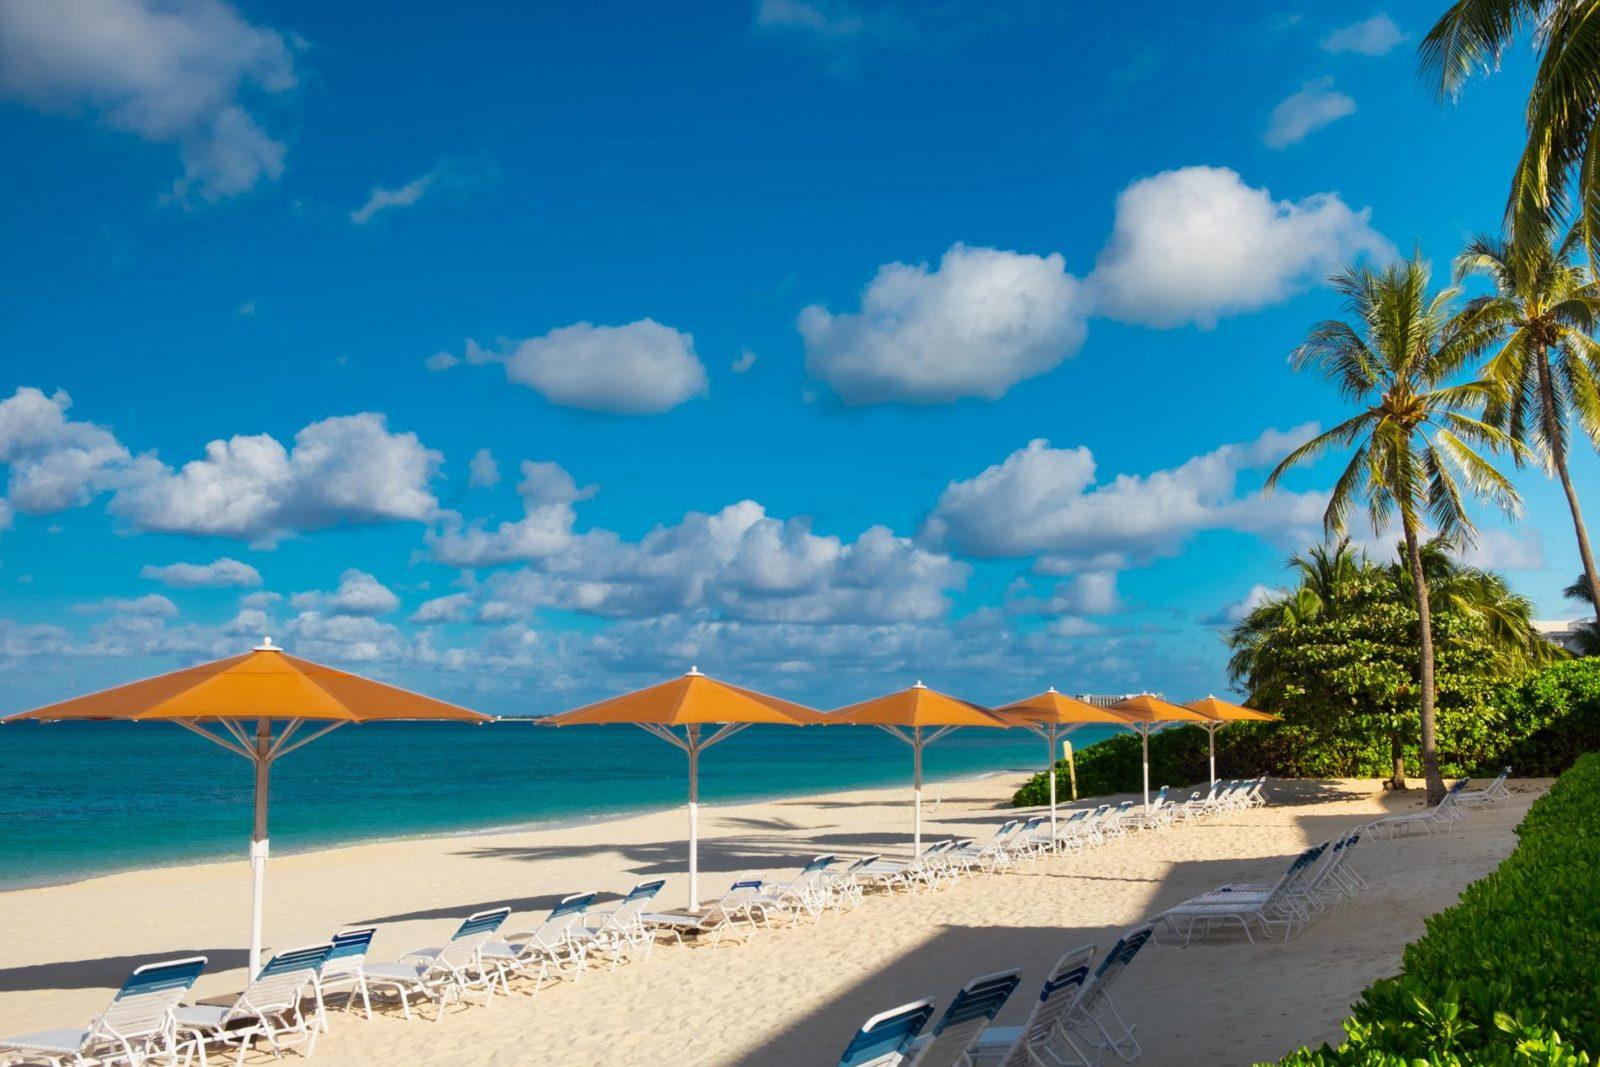 пляж Севен-Майл-Бич (Негрил, Ямайка)